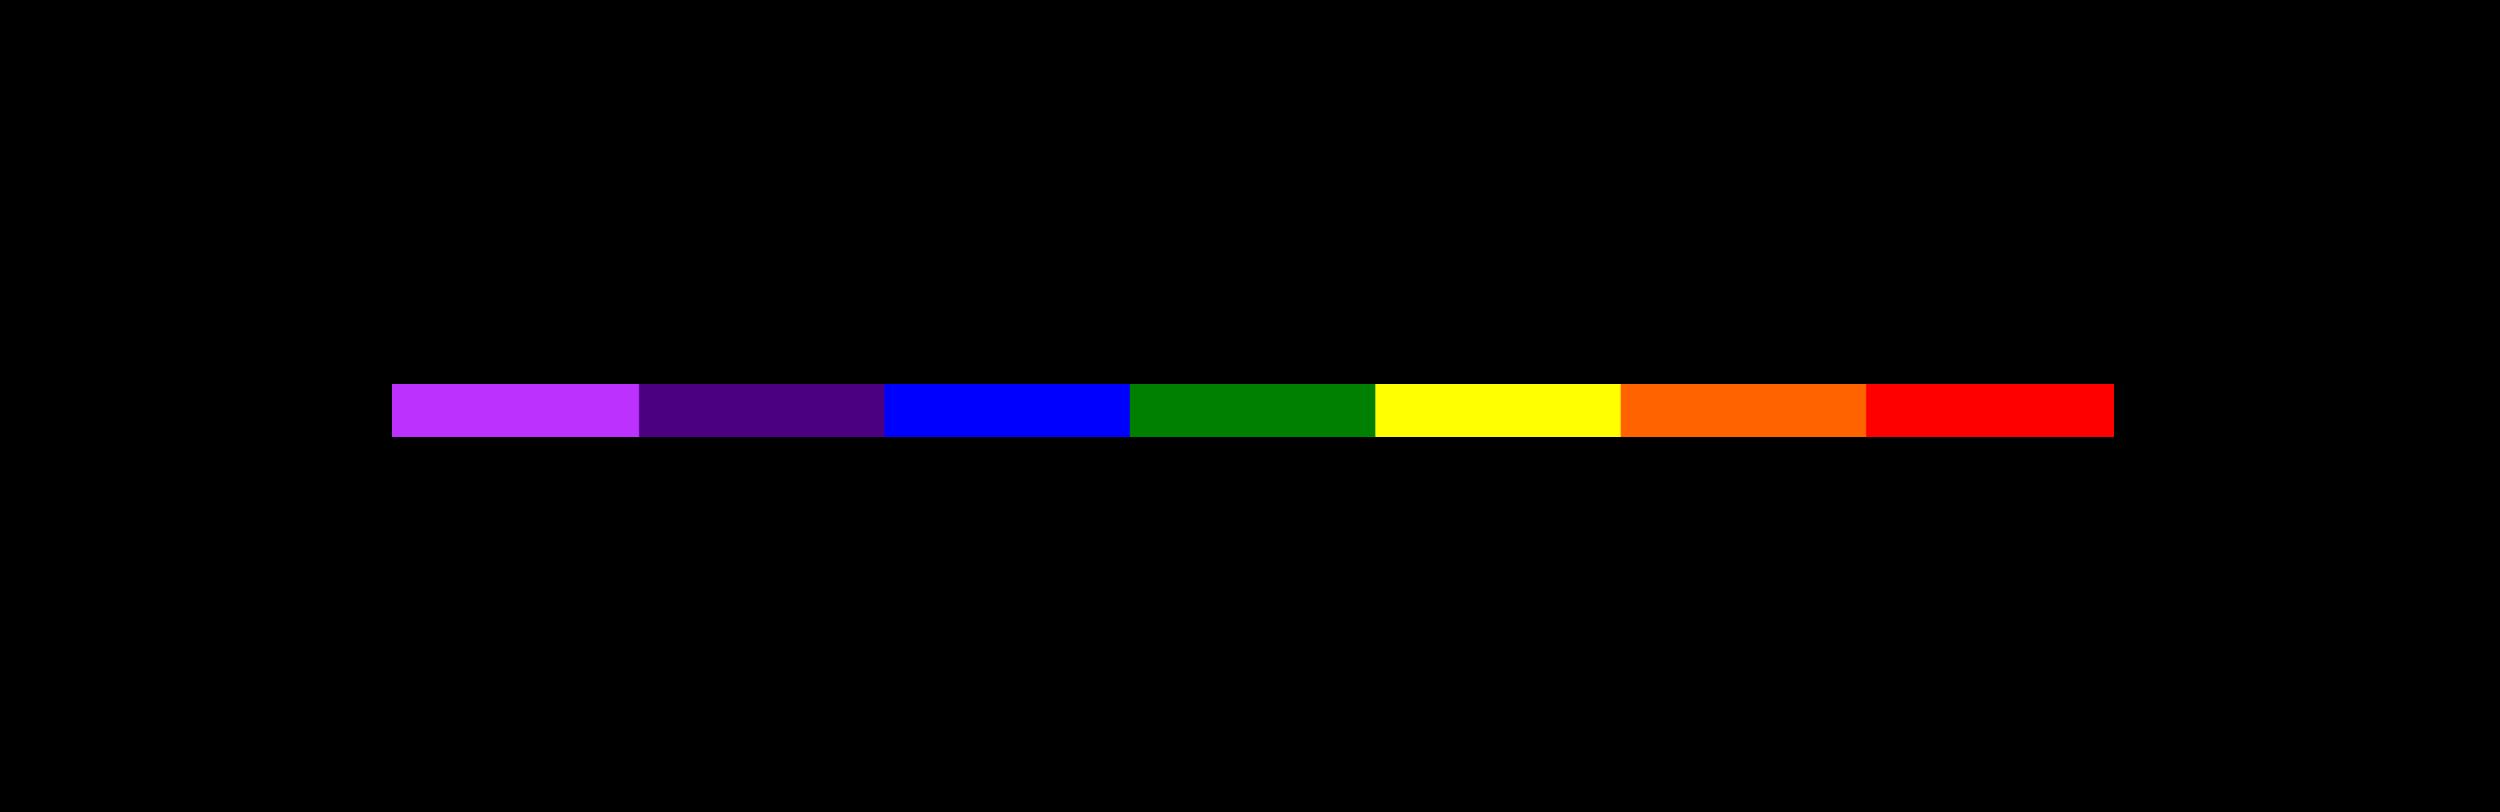 queerprov-logo.png